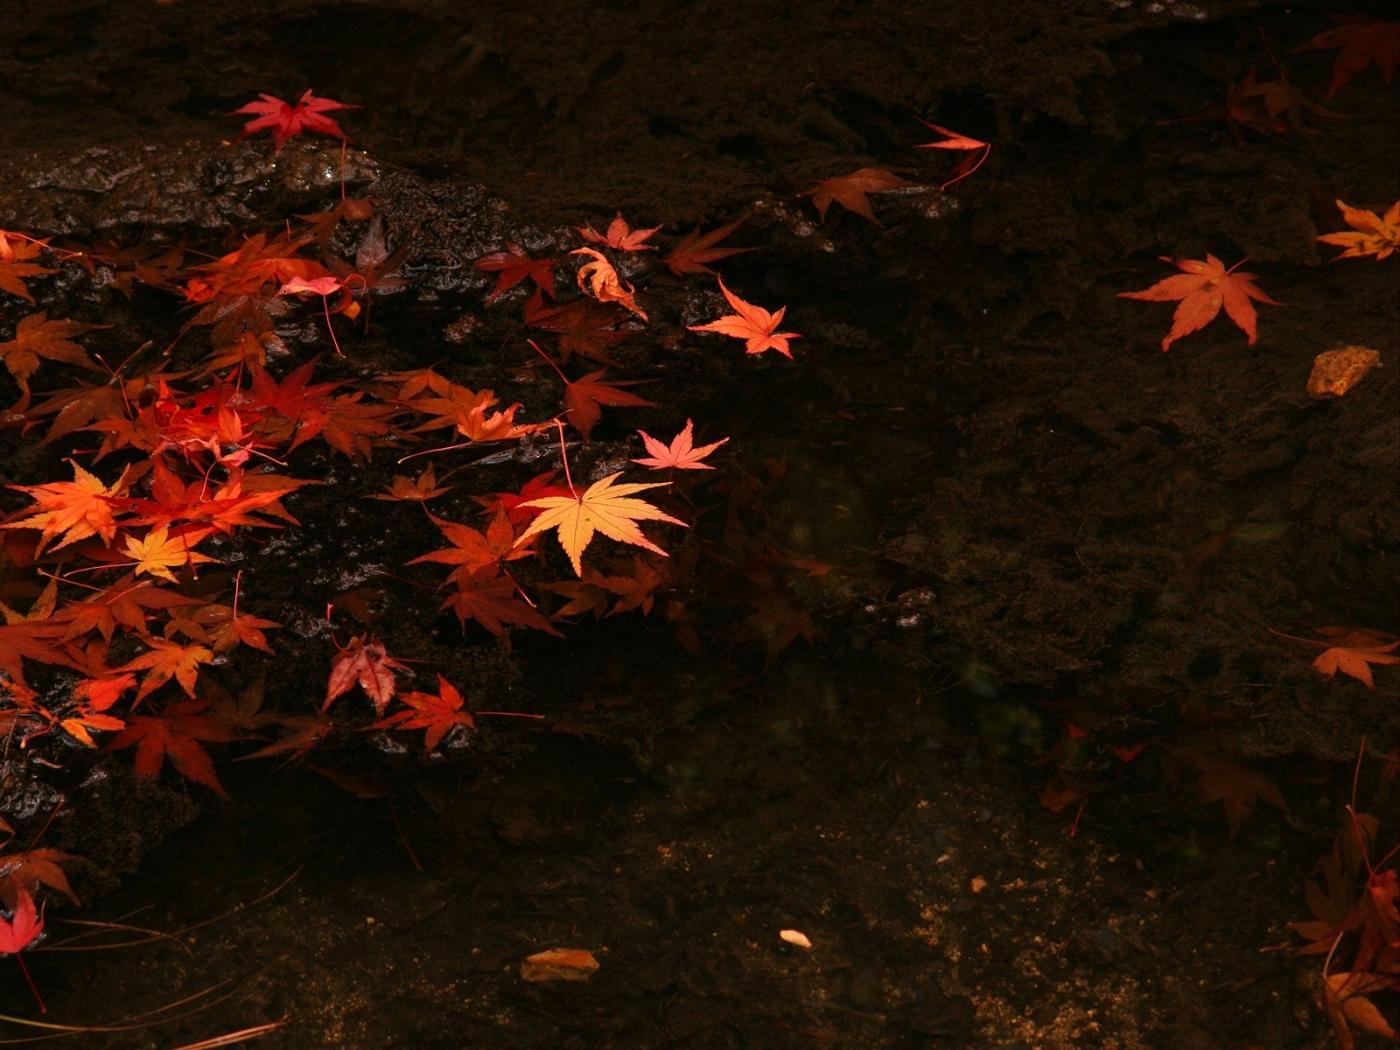 32901 скачать обои Фон, Осень, Листья - заставки и картинки бесплатно